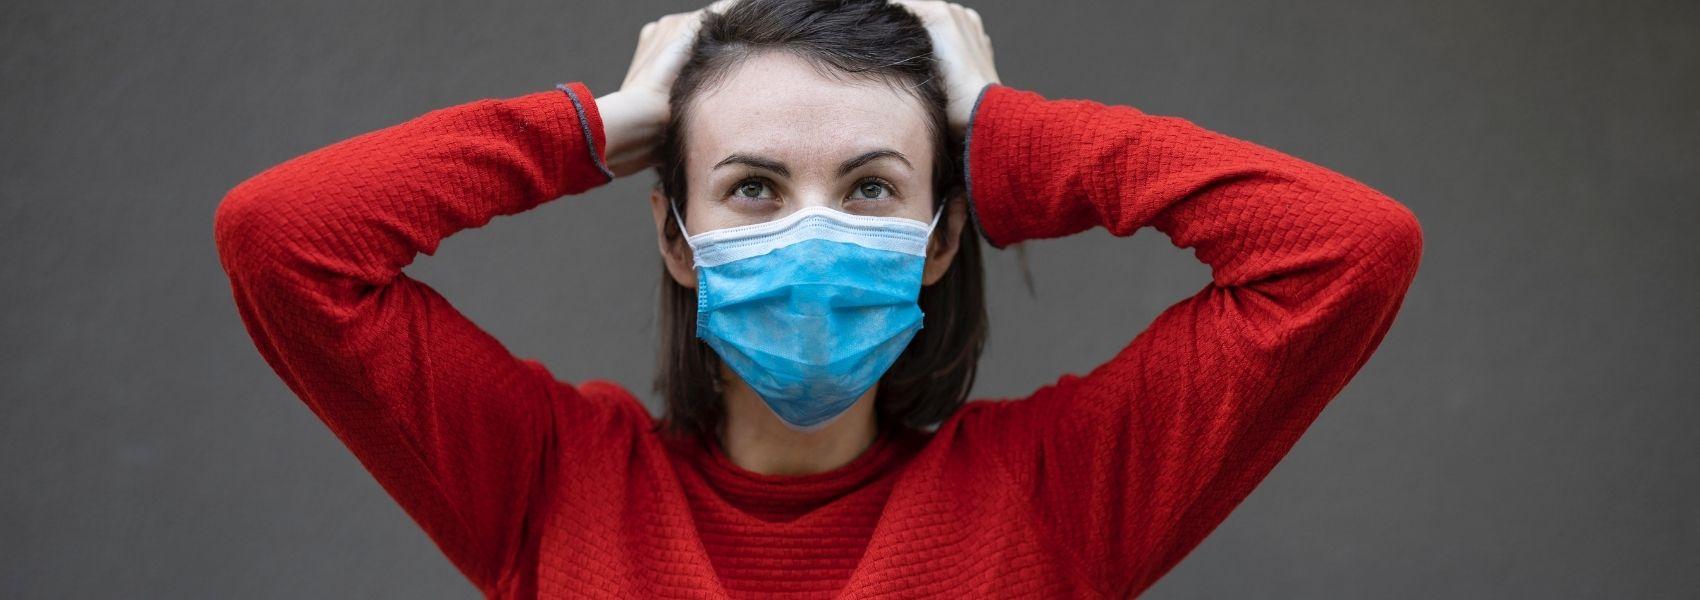 As cirurgias e tratamentos estéticos em alta na pandemia